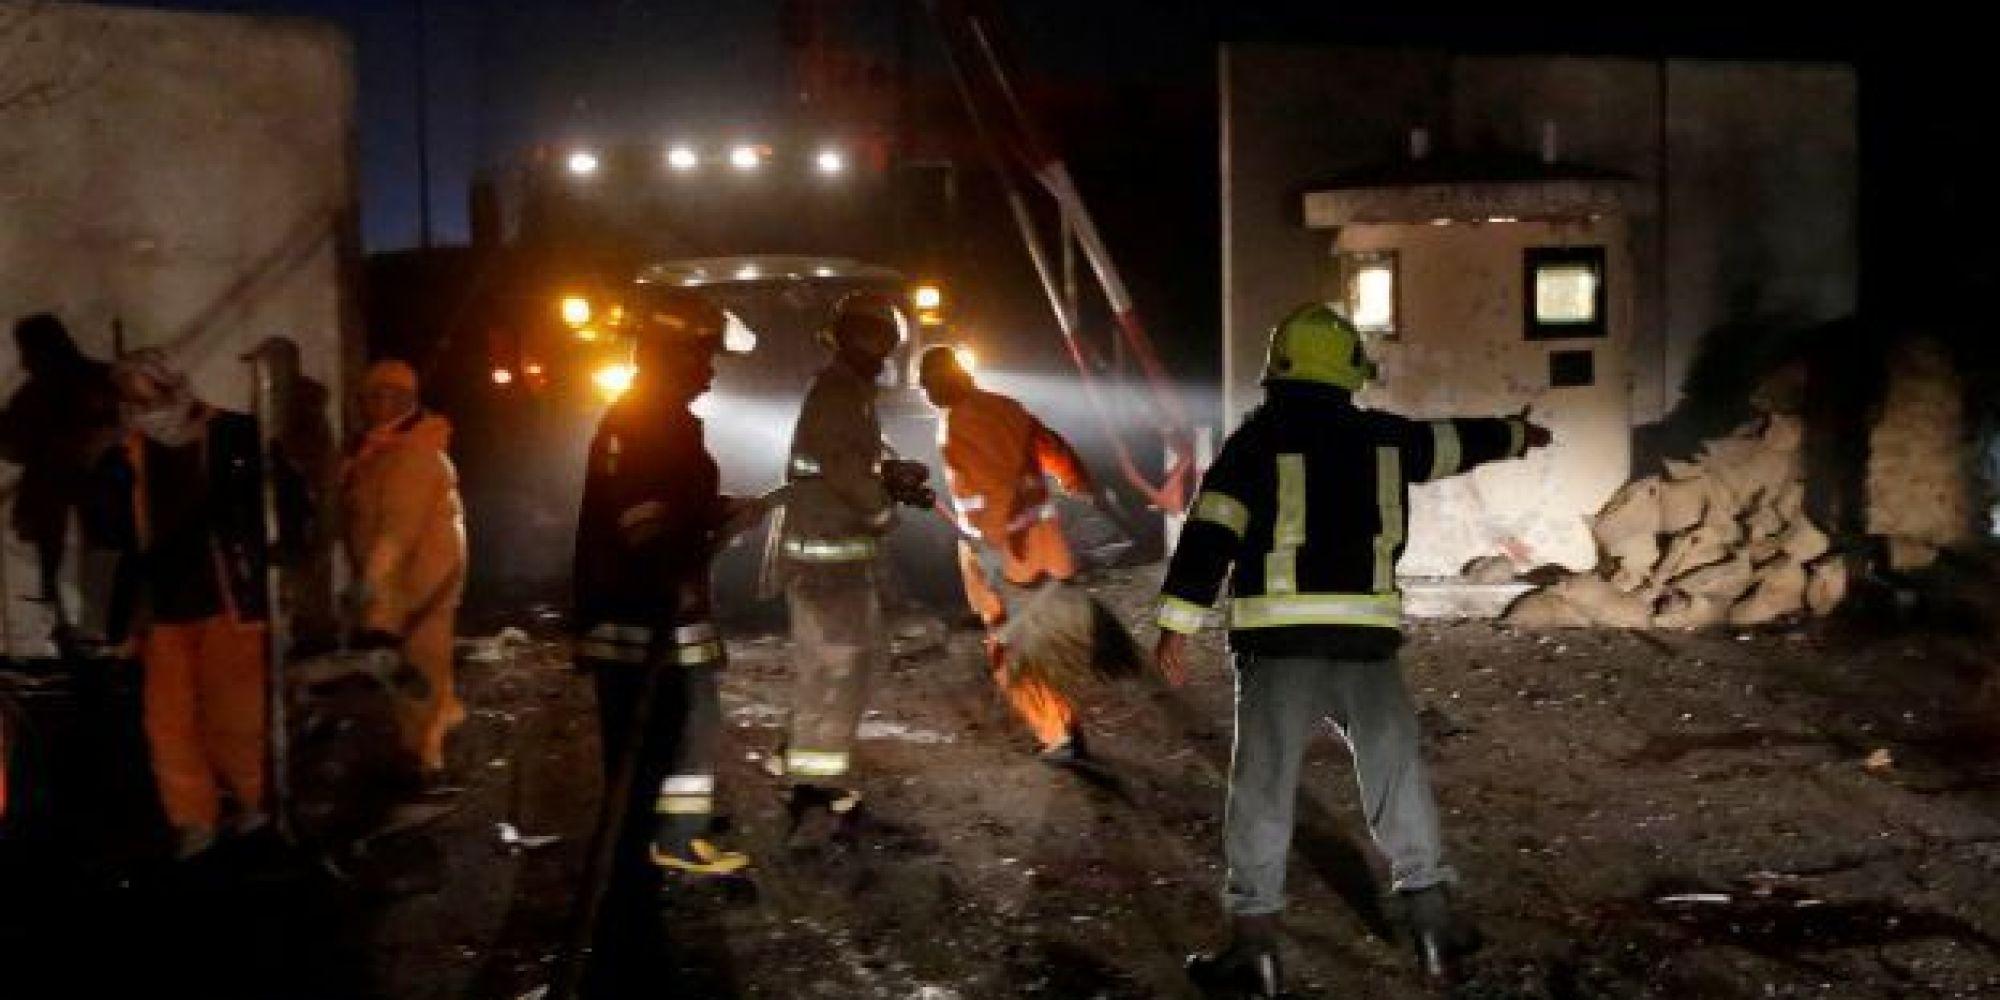 هل تقف إيران وراء تفجير قندهار الذي قتل سفير الإمارات ودبلوماسييها؟.. تحقيقات ضخمة حول الاغتيال تقدم إجابة